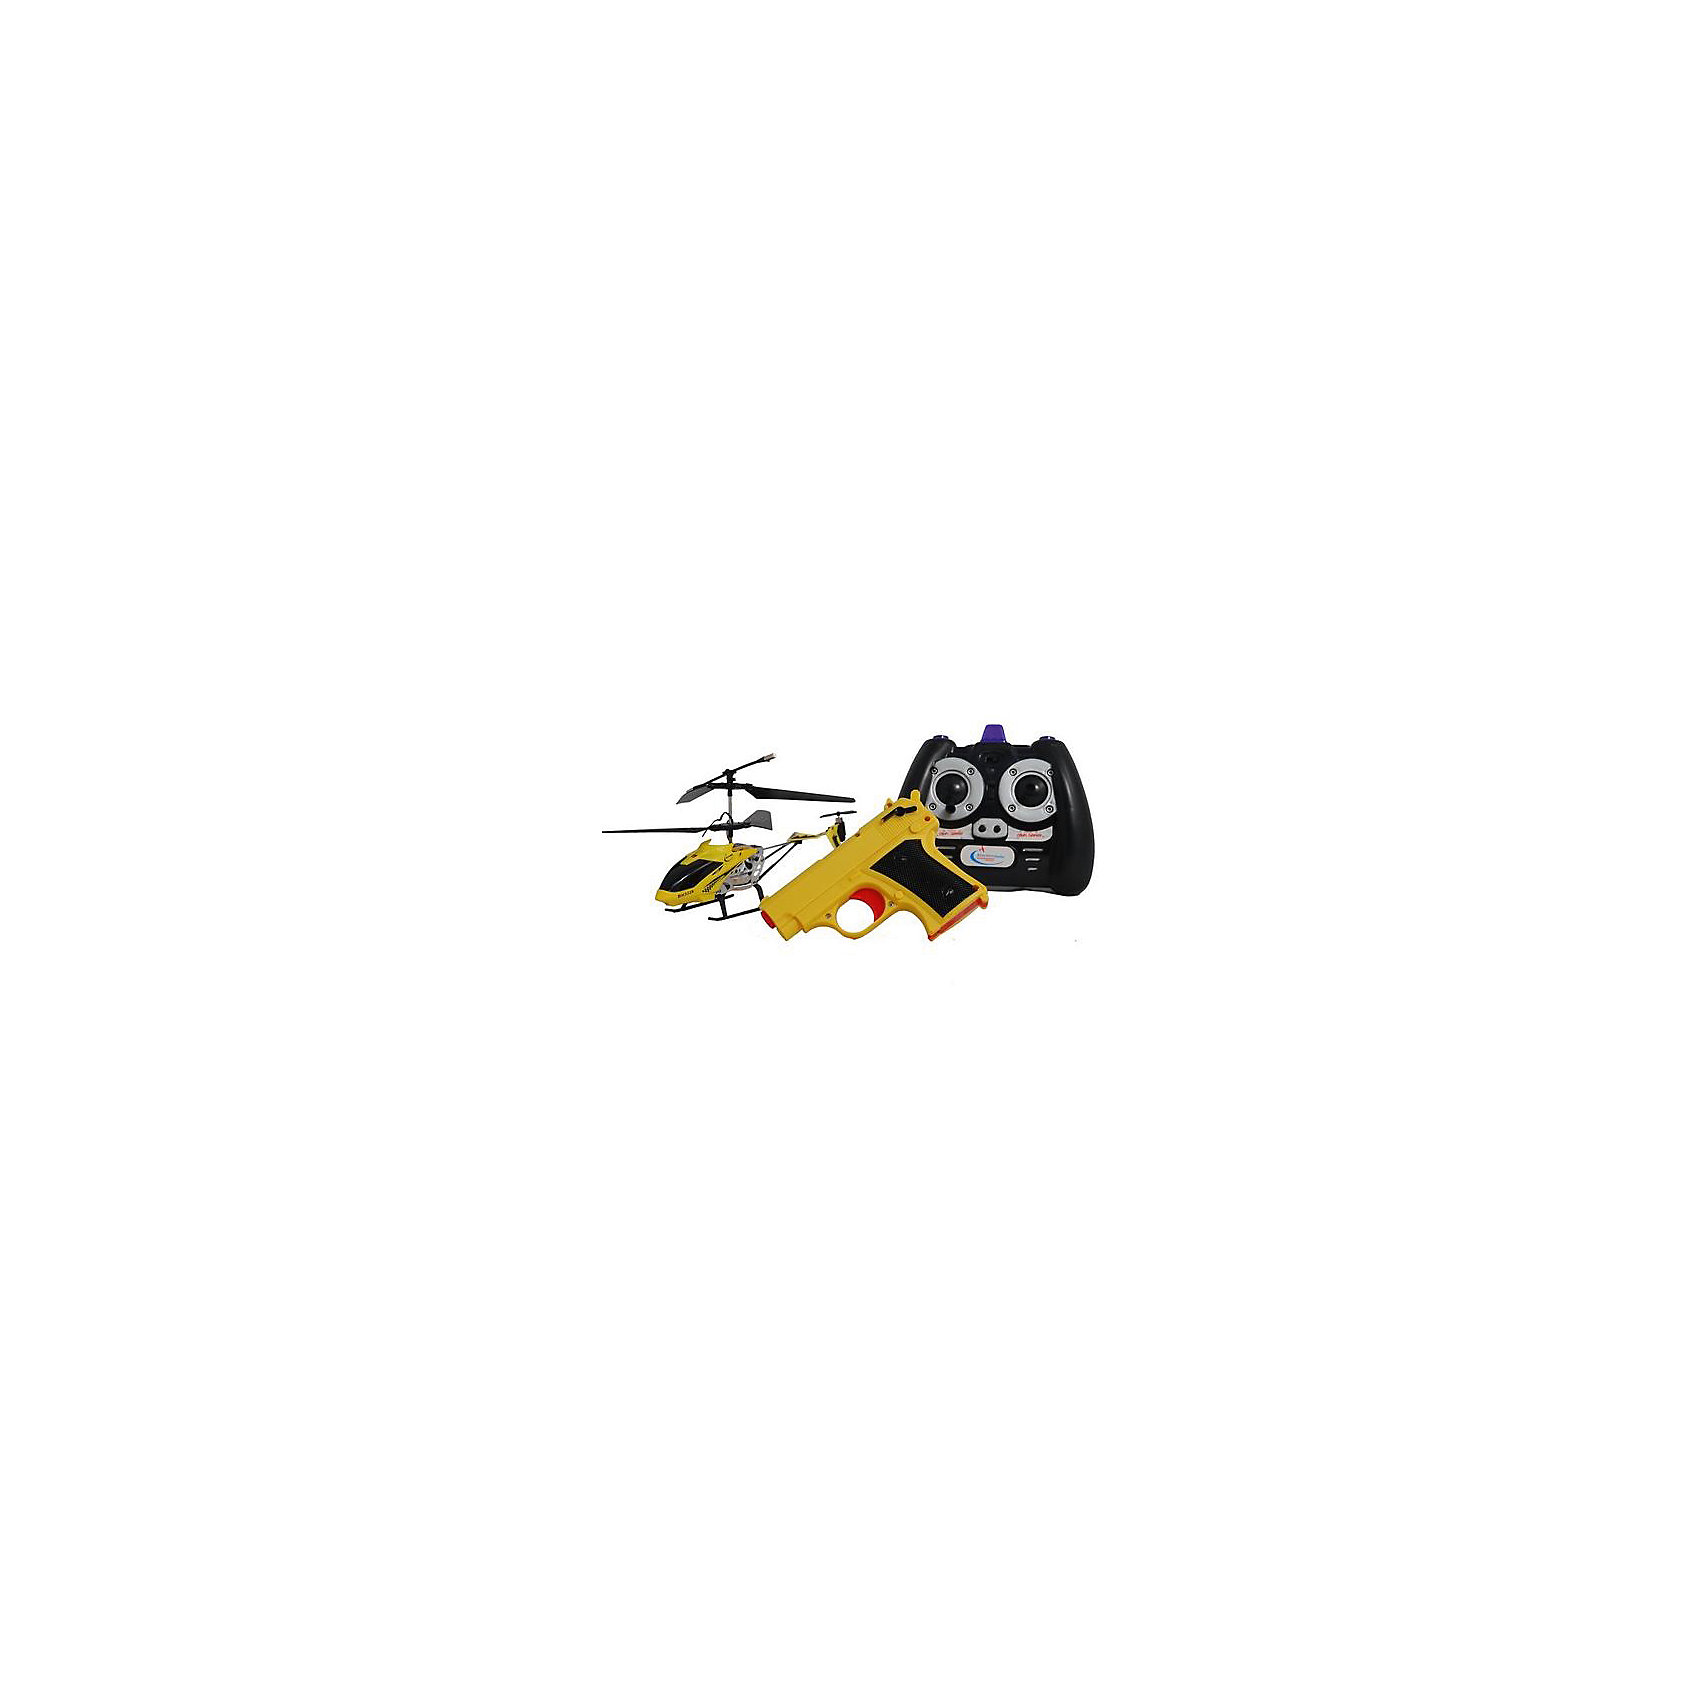 Вертолет на р/у Снайпер с пистолетом, желтый, Властелин небесРадиоуправляемый транспорт<br>Вертолет на р/у Снайпер с пистолетом, желтый, Властелин небес<br><br>Характеристики:<br><br>• вертолет можно сбивать с помощью пистолета, входящего в комплект<br>• вертолет летает вверх, вниз, в стороны, а также поворачивается и зависает в воздухе<br>• светящиеся сигнальные огни<br>• встроенный гироскоп<br>• лопасти складываются при падении<br>• расстояние пульта: до 15 метров<br>• скорость: до 10 км/ч<br>• батарейки для пульта: АА - 6 шт. (не входят в комплект)<br>• батарейки для пистолета: АА - 2 шт. (не входят в комплект)<br>• в комплекте: вертолет, ИК-пульт, ИК-пистолет, аккумулятор, зарядное устройство<br>• материал: металл, пластик<br>• размер: 20х4х11 см<br>• питание: аккумулятор 3,7 V Li-poliy<br>• размер упаковки: 43,5х7х25,5 см<br>• вес: 700 грамм<br>• цвет: желтый<br><br>Вертолет Снайпер идеально подходит для игры вдвоем. Один игрок управляет вертолетом с помощью пульта, а второй пытается сбить вертолет пистолетом. Чтобы сбить вертолет, нужно попасть в него 3 раза. Игрушка изготовлена из прочных материалов и хорошо выдерживает падения с большой высоты. При этом лопасти складываются во избежание повреждений. Вертолет оснащен светящимися сигнальными огнями, которые помогут отыскать его в темноте. Радиус действия пульта - до 15 метров. Вы сможете играть на большом расстоянии для лучшего обзора. Вертолет может летать вверх, вниз, в стороны и совершать повороты. А благодаря встроенному гироскопу, игрушка способна висеть в воздухе.<br>Для работы пульта необходимы 6 батареек АА, для работы пистолета - 2 батарейки АА.<br><br>Вертолет на р/у Снайпер с пистолетом, желтый, Властелин небес вы можете купить в нашем интернет-магазине.<br><br>Ширина мм: 70<br>Глубина мм: 350<br>Высота мм: 265<br>Вес г: 810<br>Возраст от месяцев: 108<br>Возраст до месяцев: 2147483647<br>Пол: Мужской<br>Возраст: Детский<br>SKU: 5397081